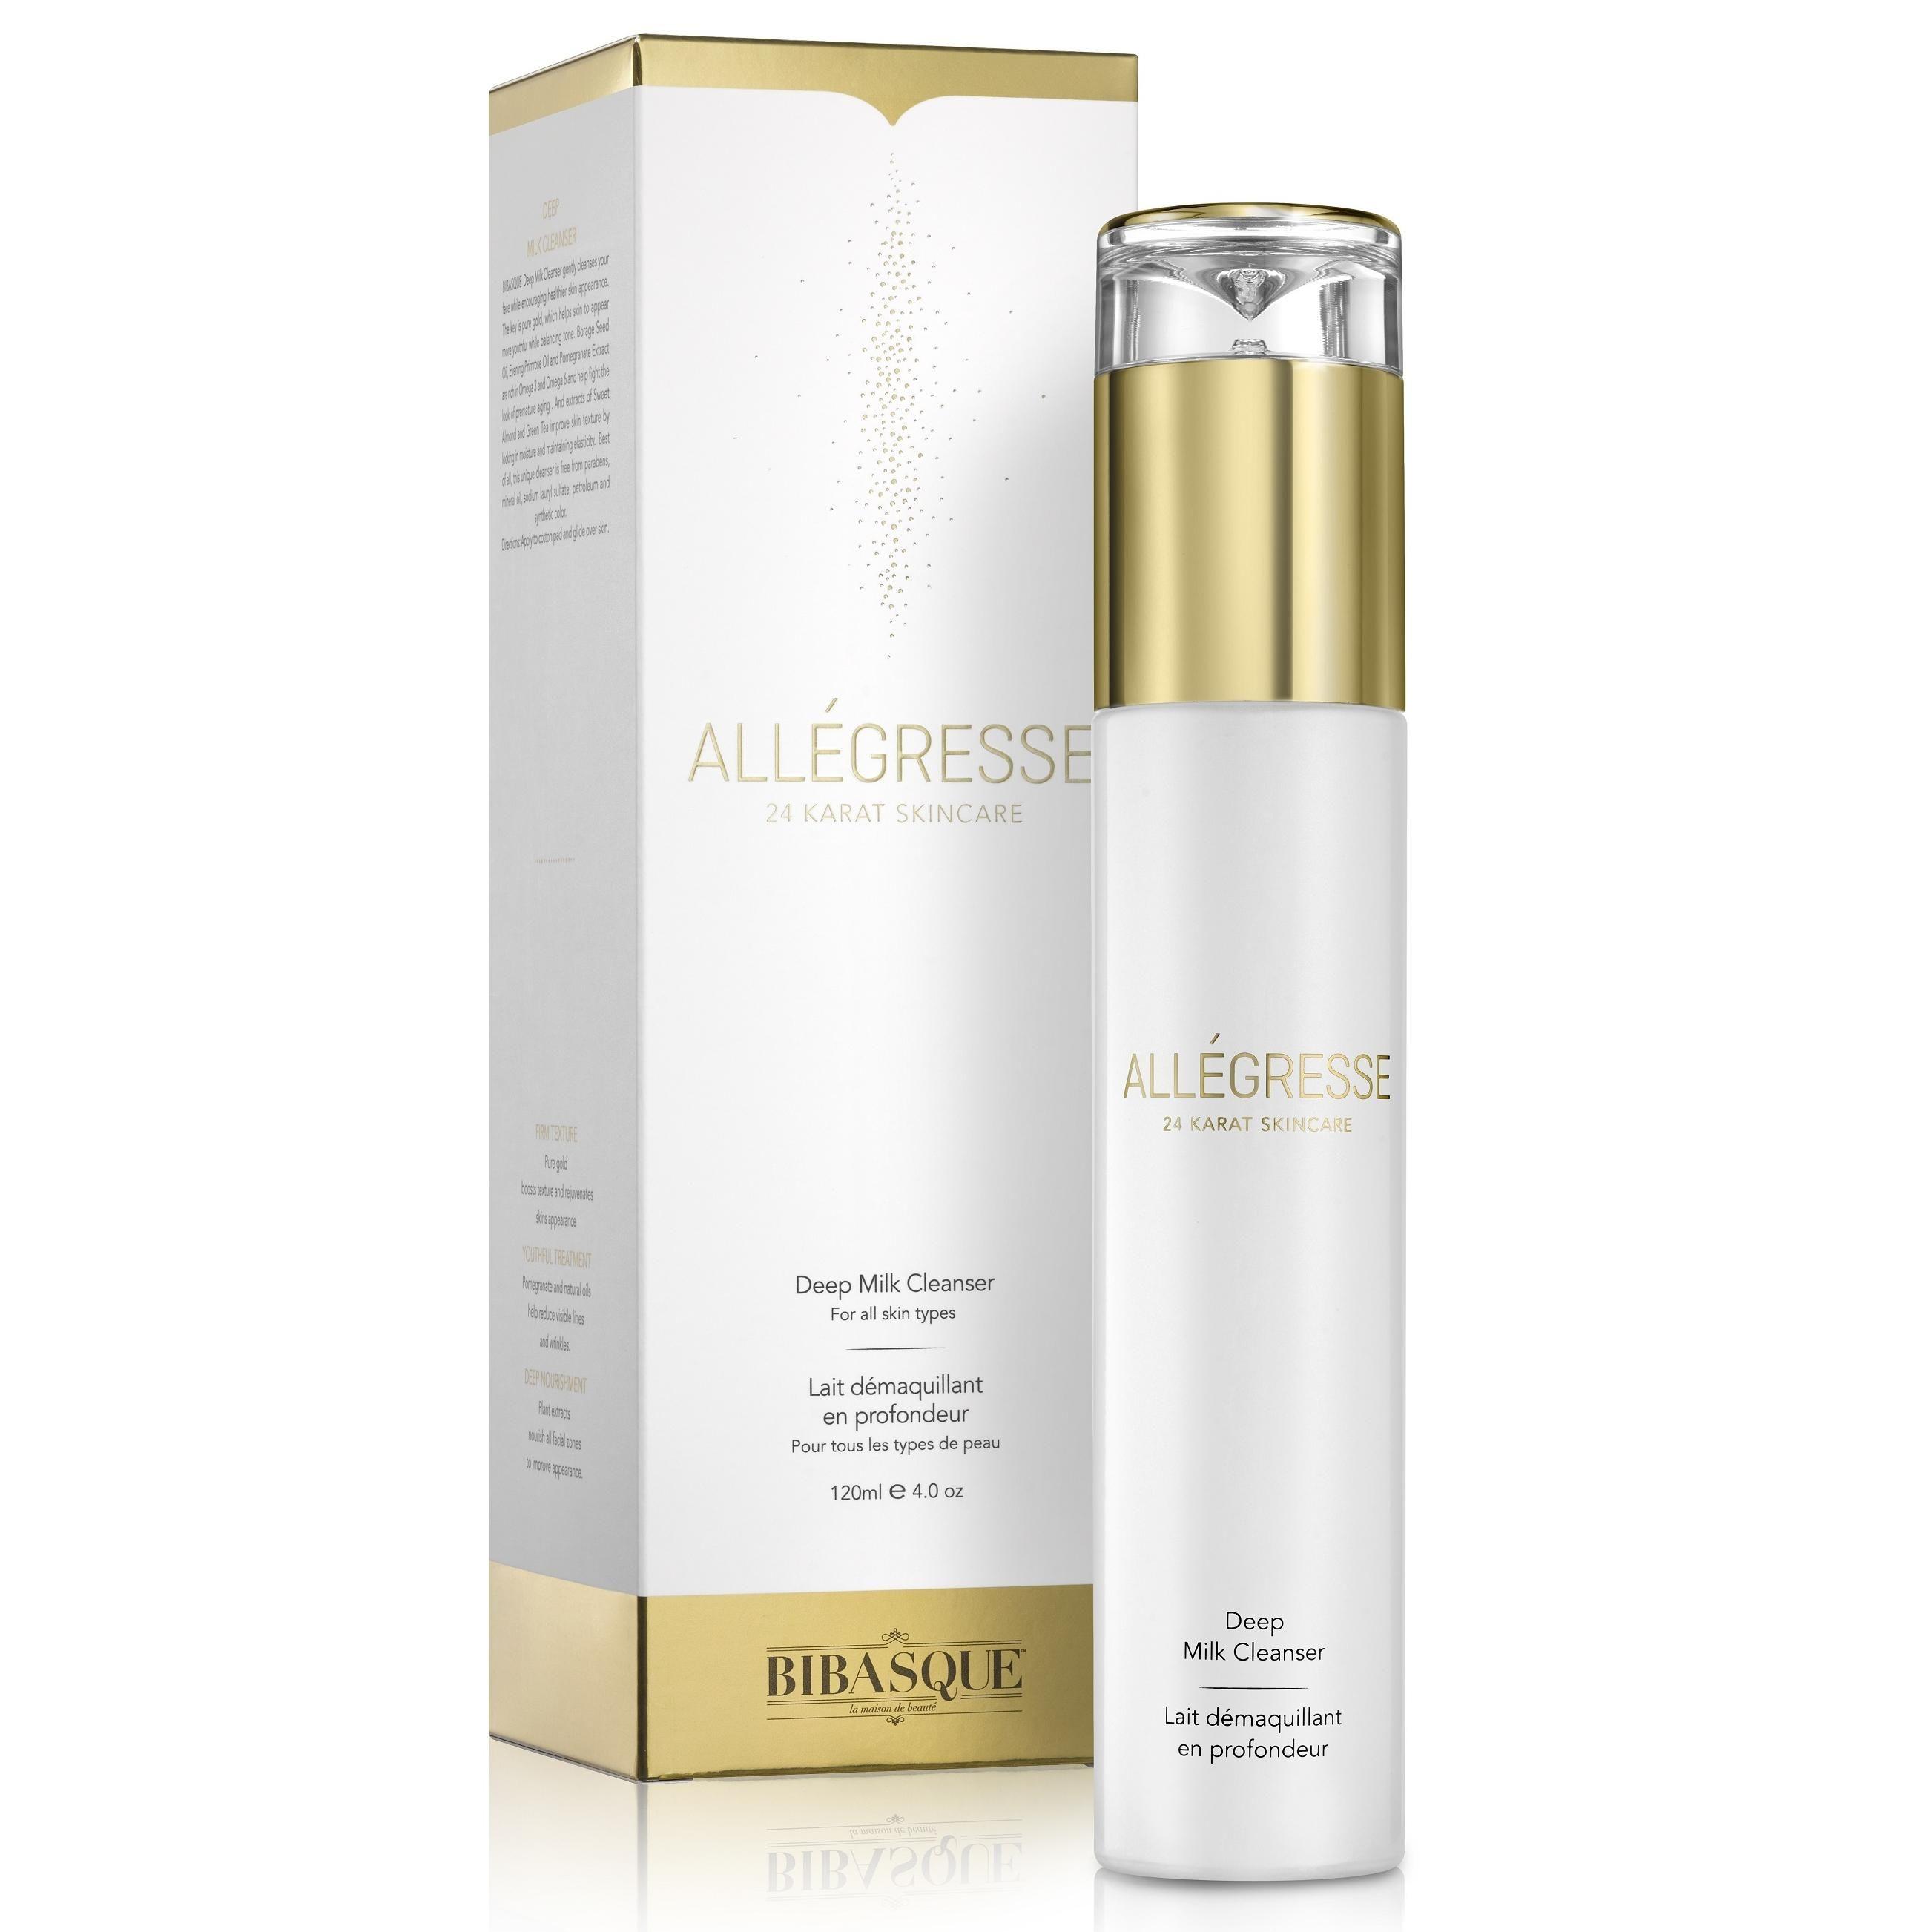 24K Gold Deep Milk Cleanser Facial gel, Milk cleanser